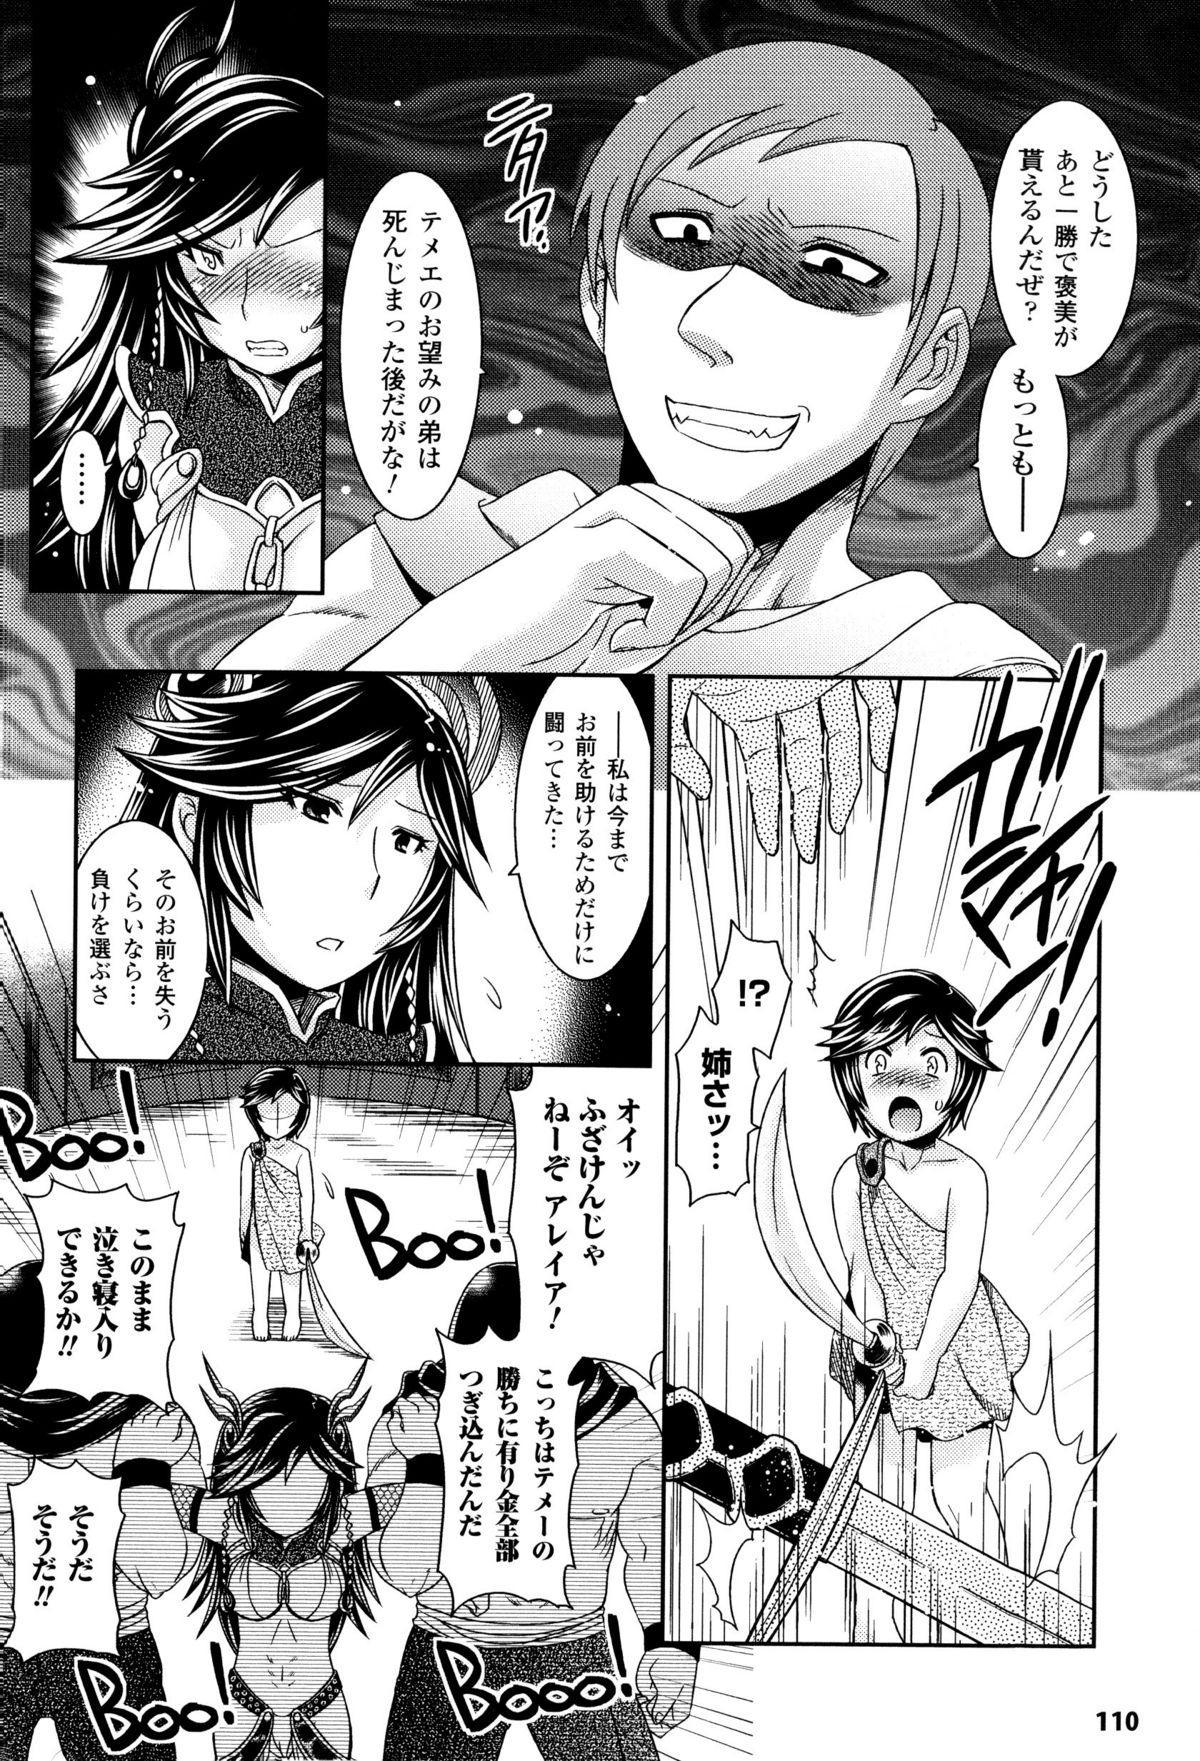 Toushin Engi Vol. 8 108